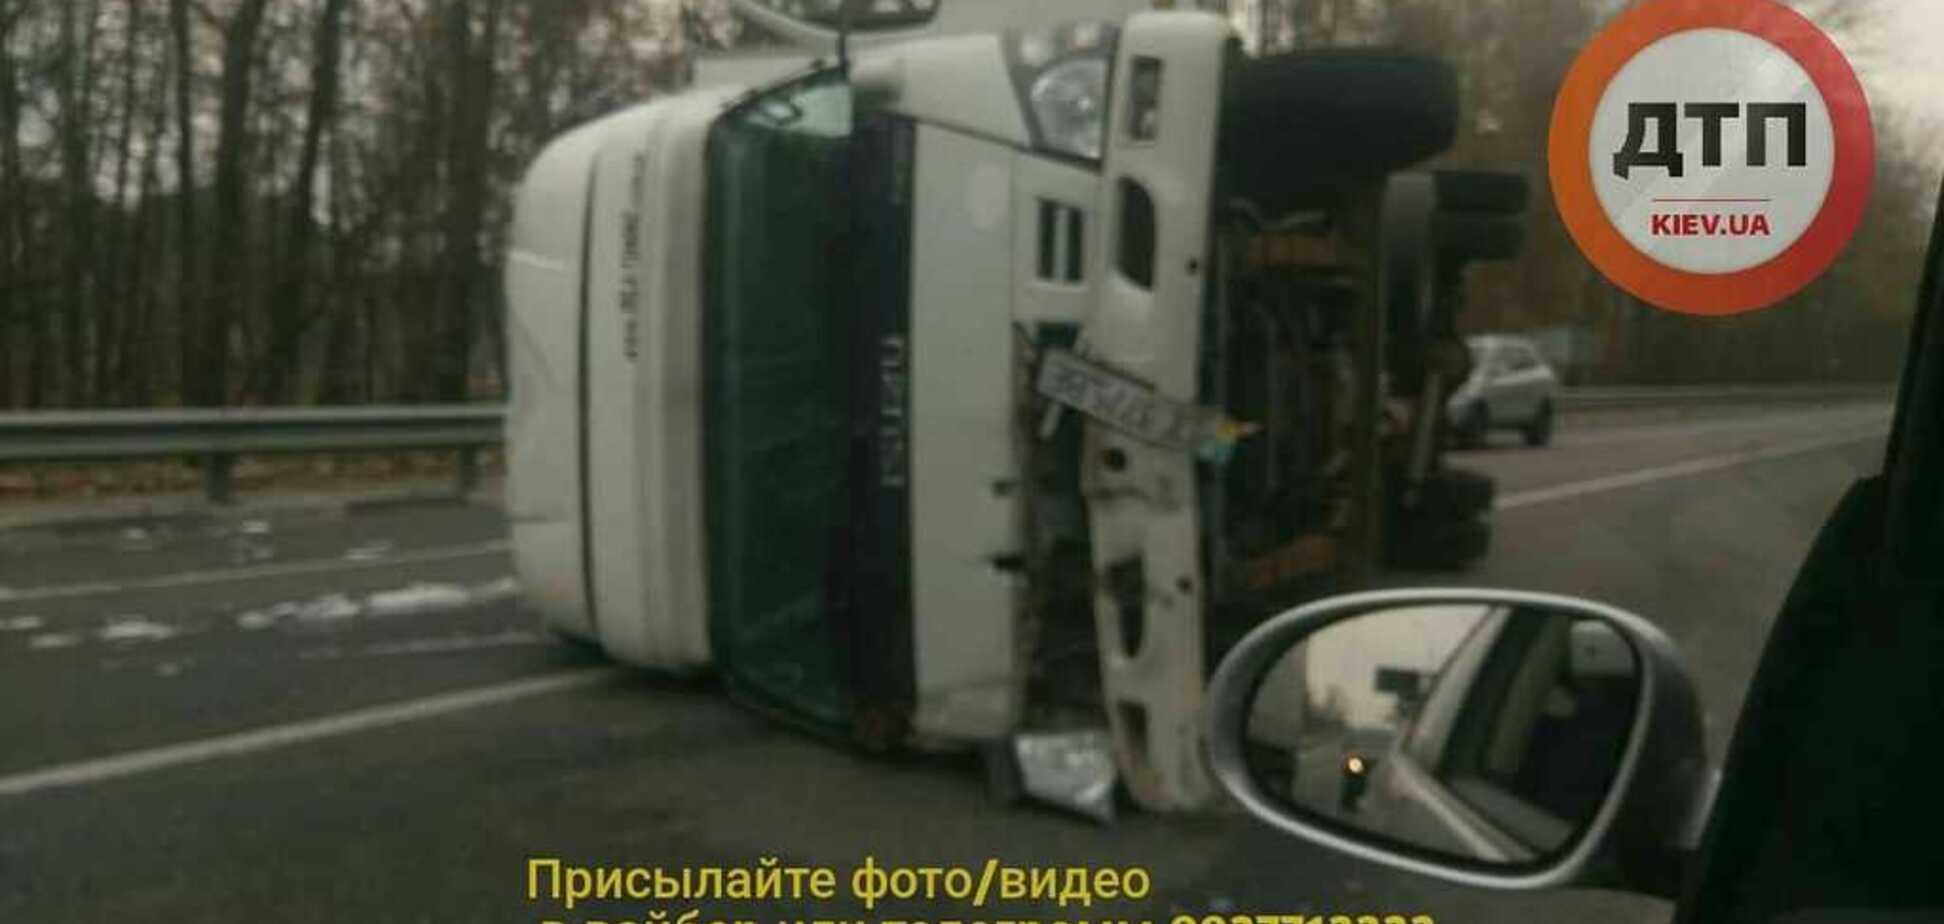 Під Києвом трапилася ДТП на ''трасі смерті'': перші фото й відео